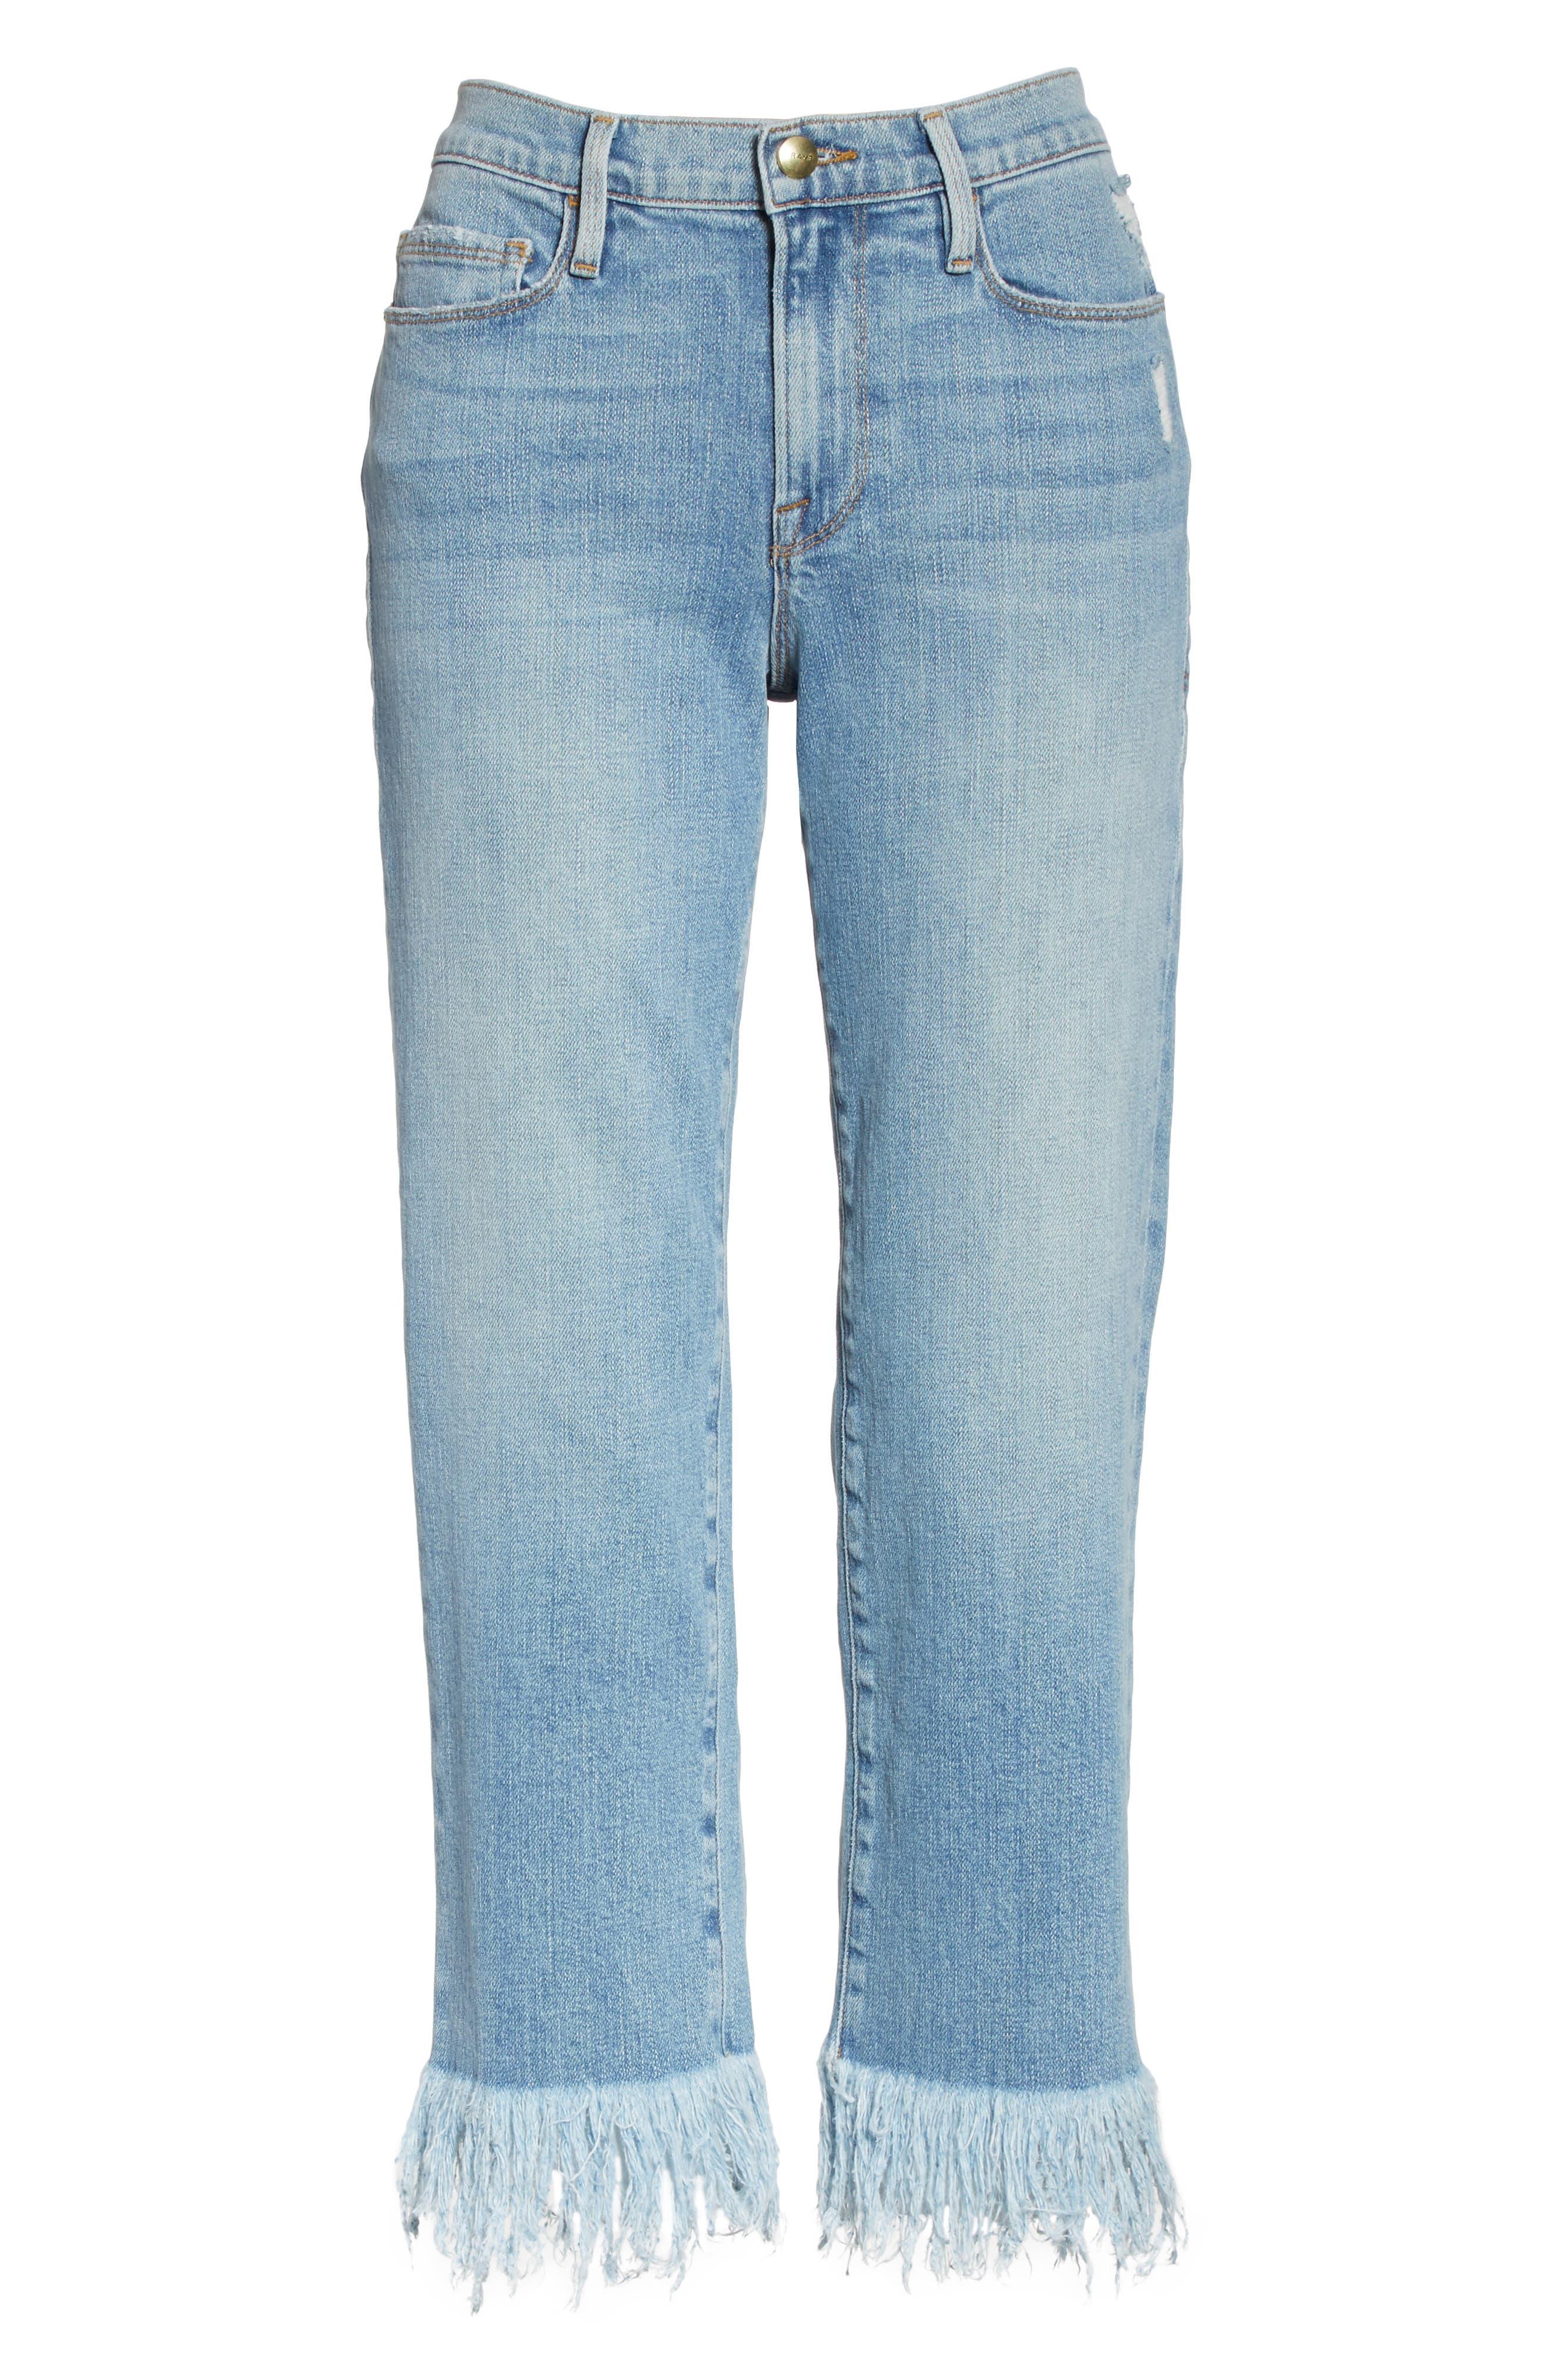 Le Nouveau Shredded Straight Leg Crop Jeans,                             Alternate thumbnail 6, color,                             450